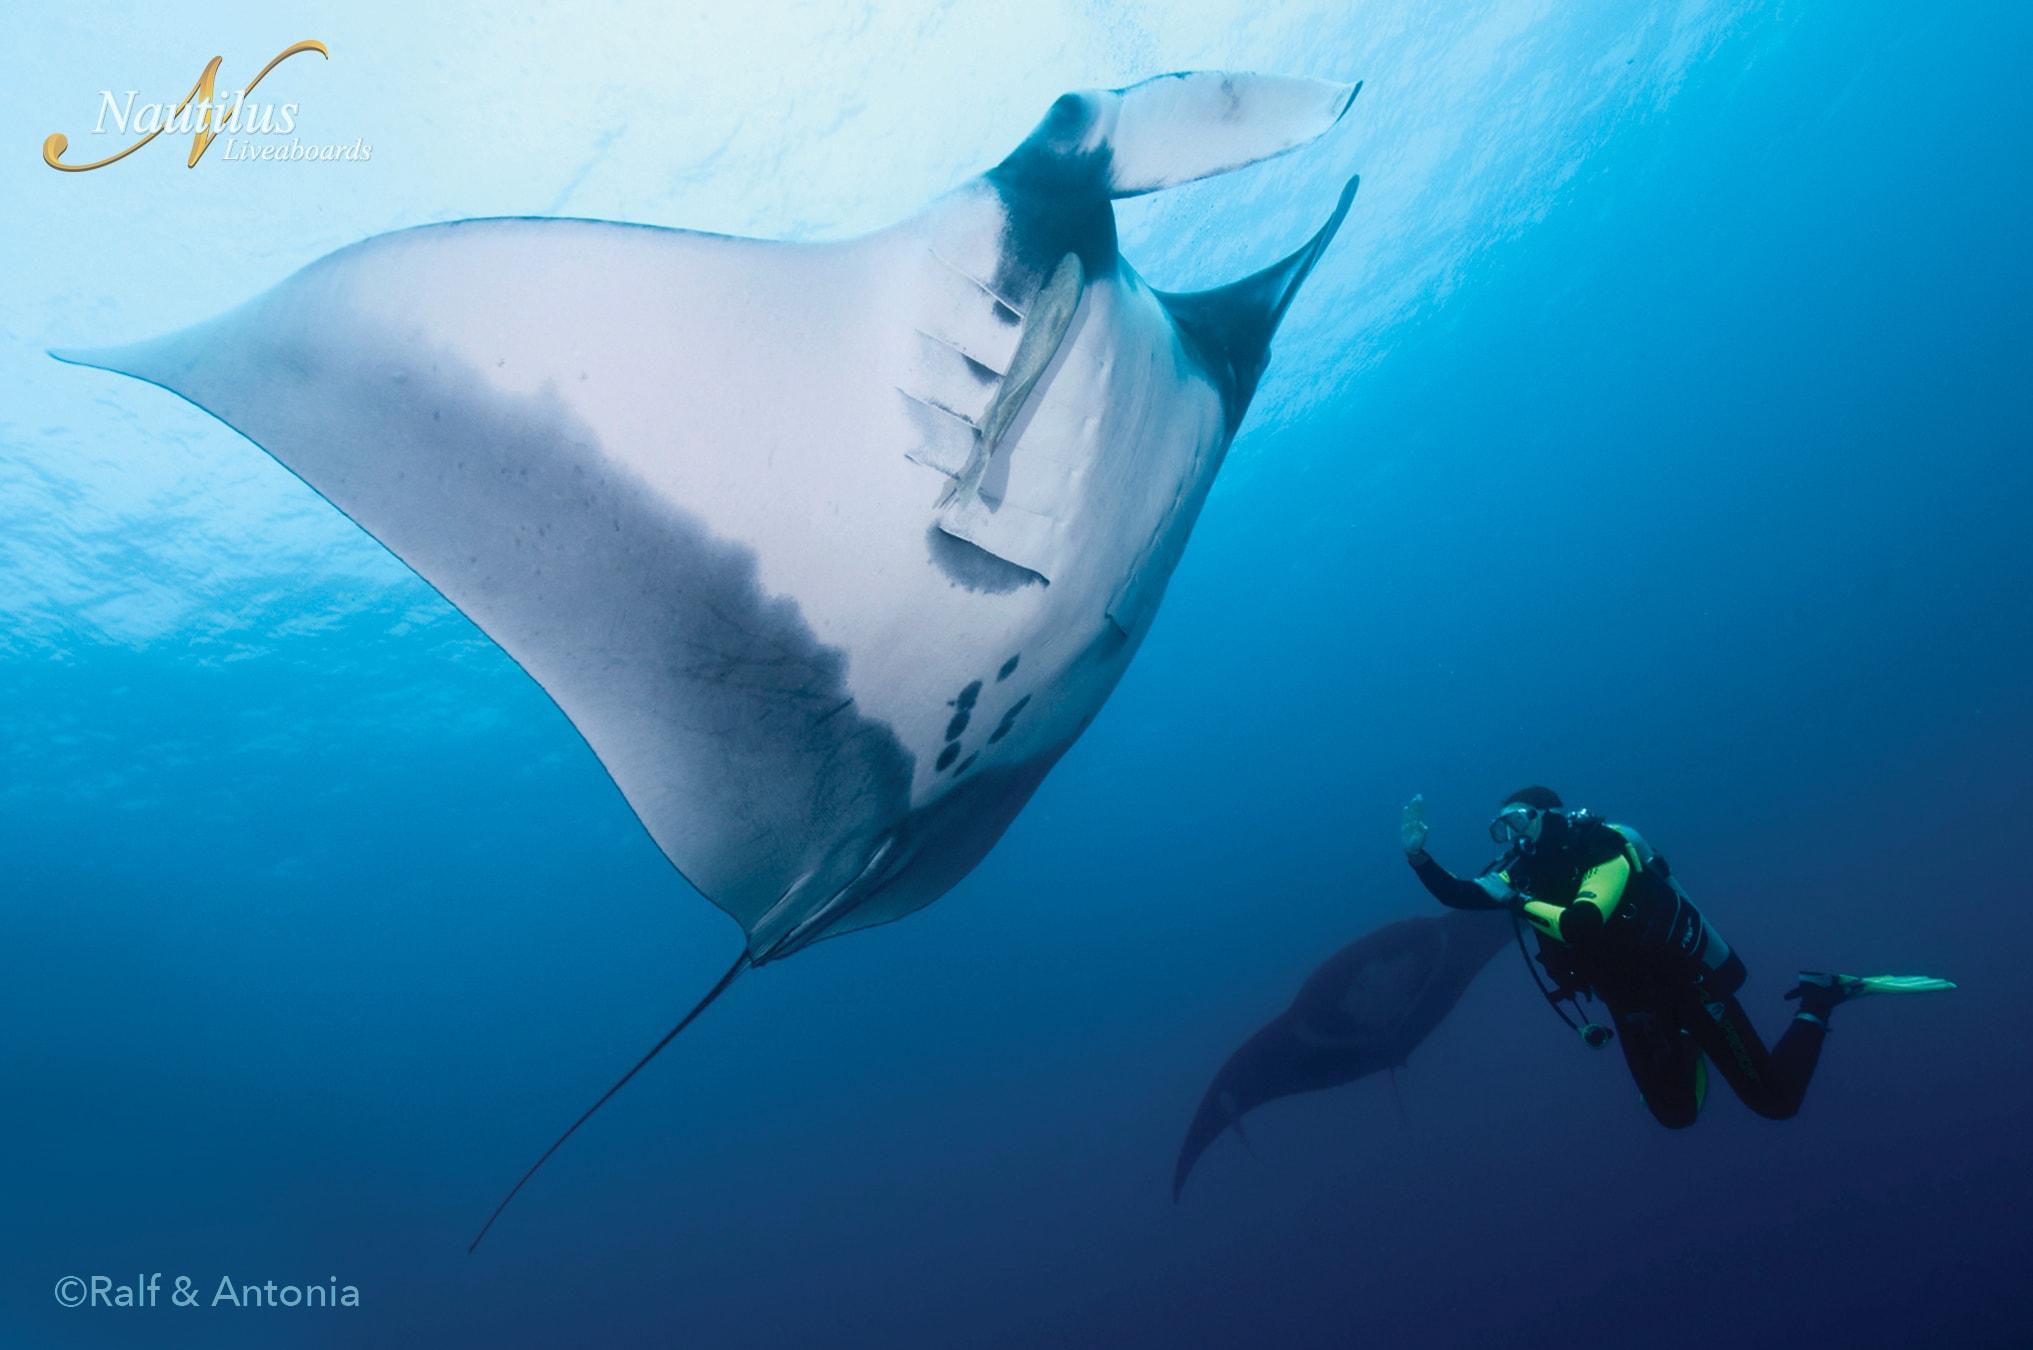 Croisière plongée avec la flotte de Nautilus à Socorro ou en Mer de Cortez